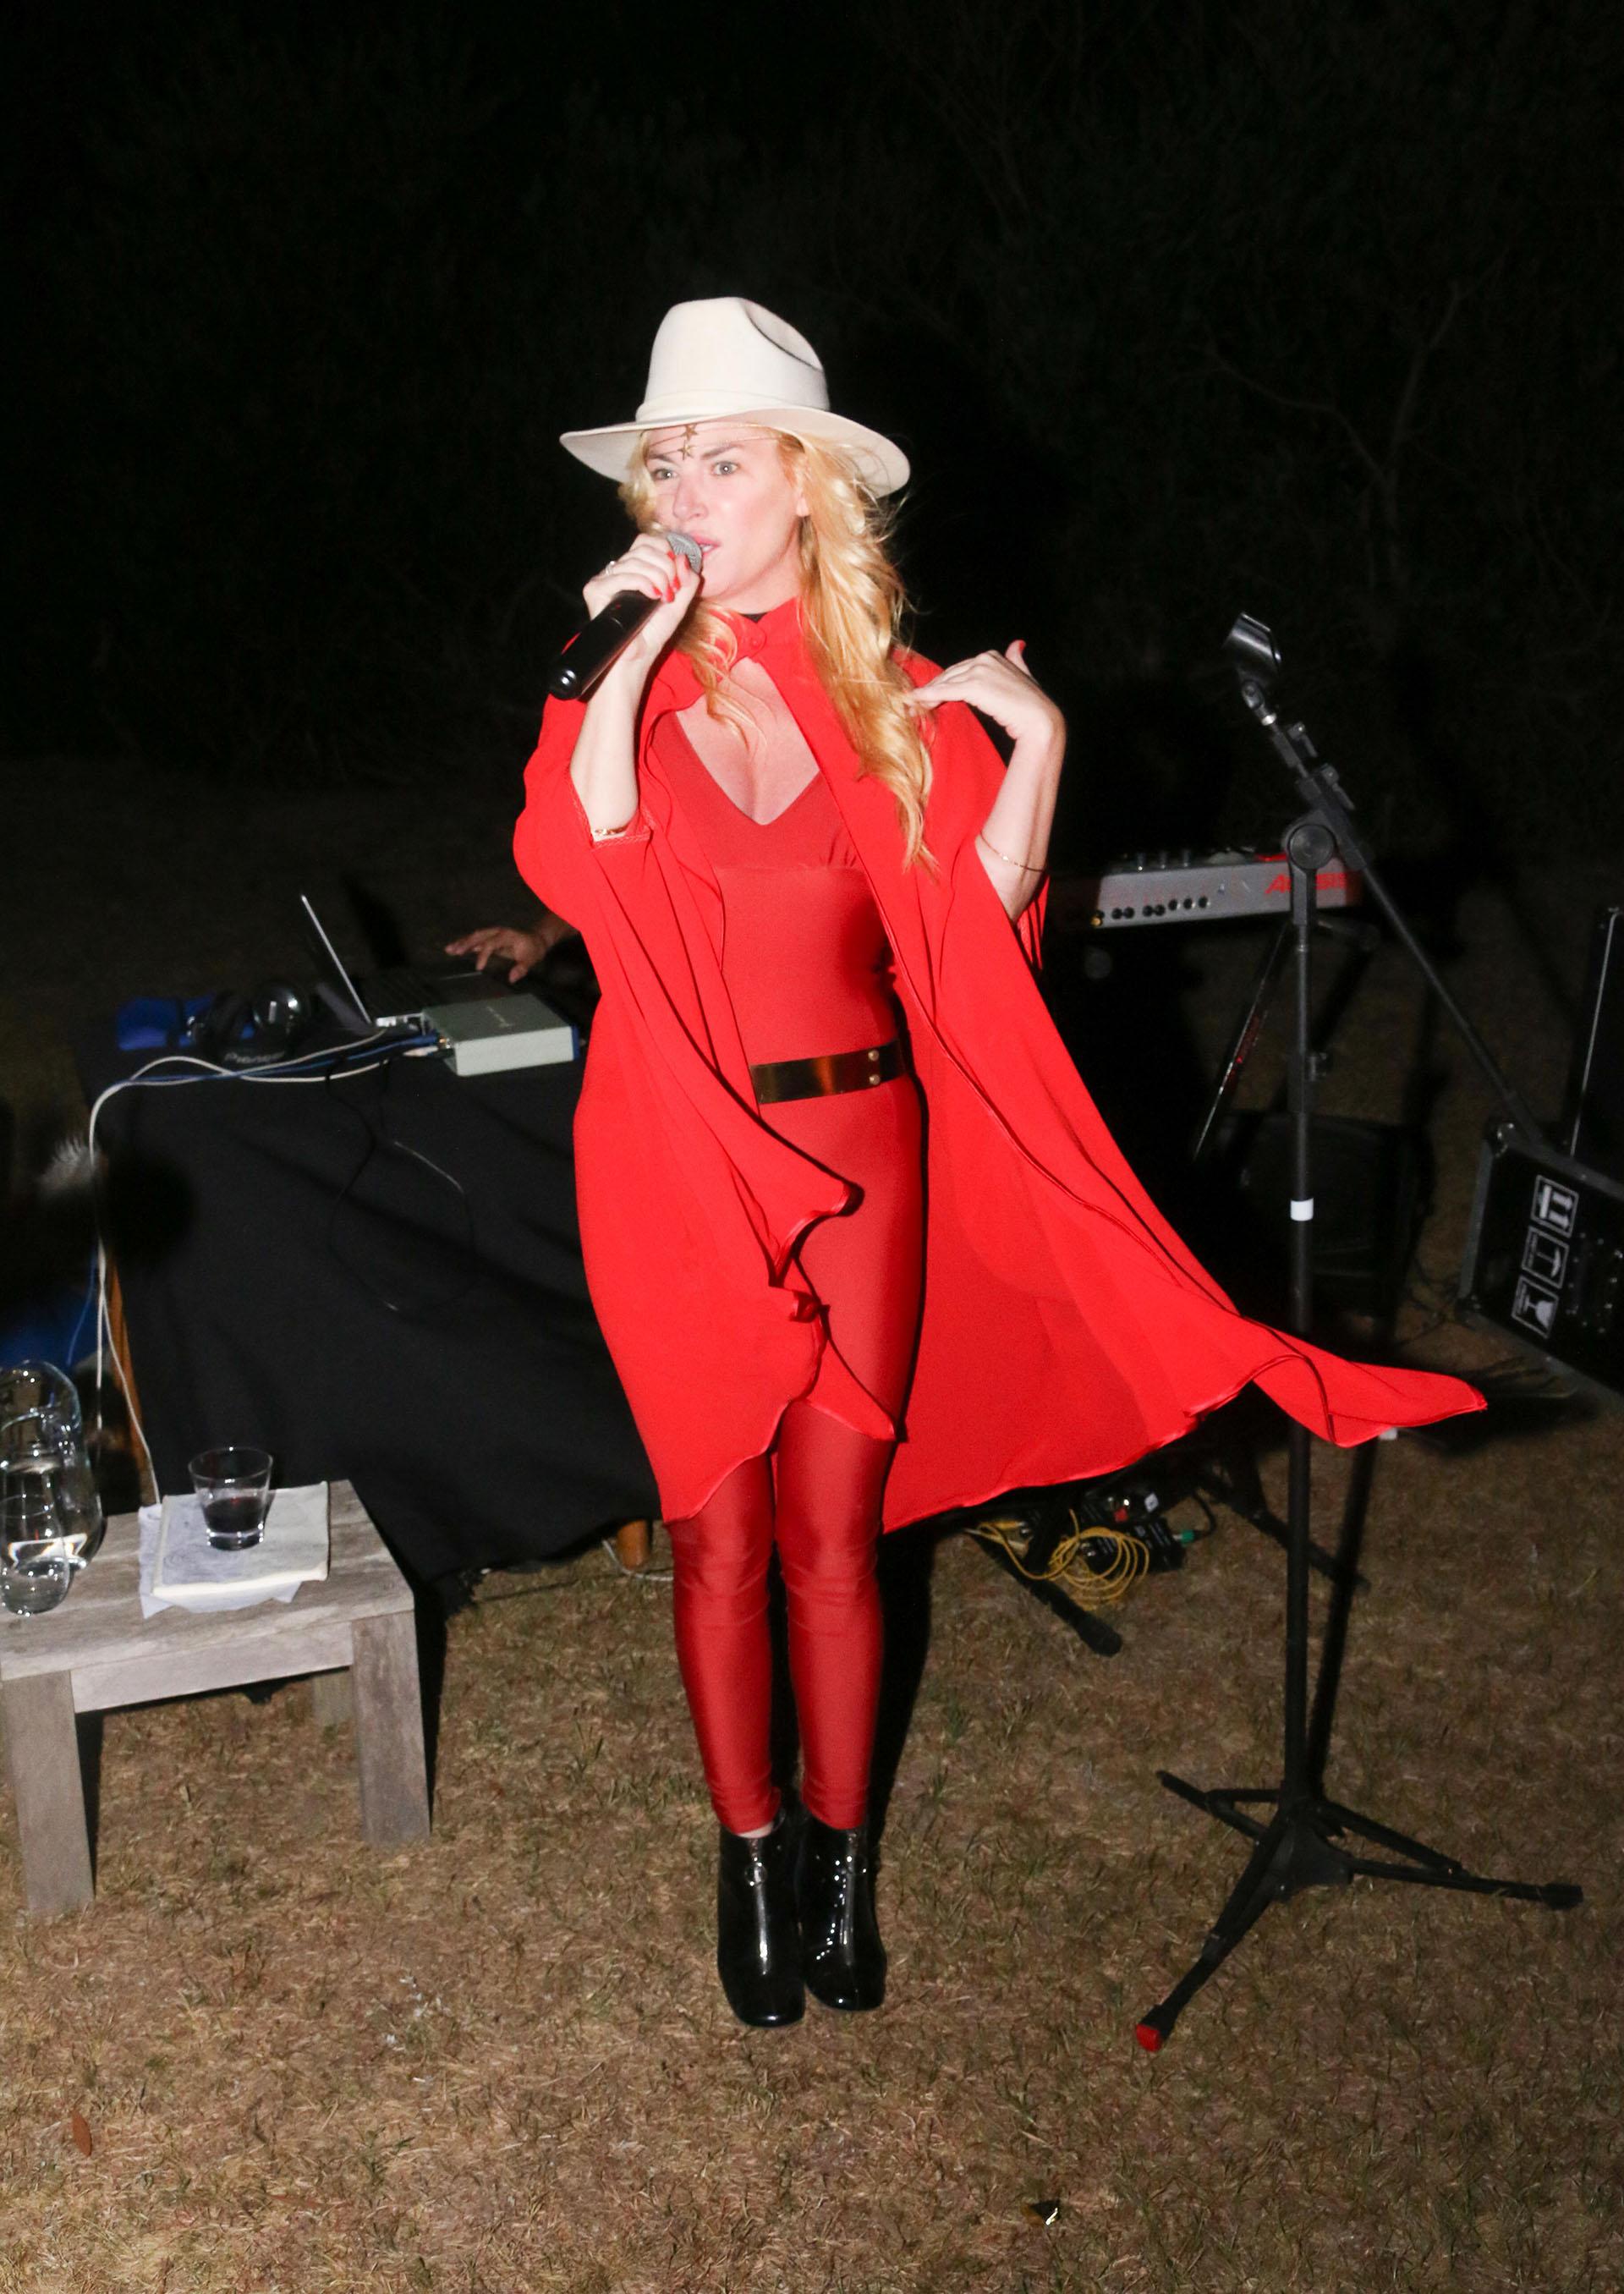 Esmeralda Mitre presentó su nuevo proyecto musical, Flying Dancers, una propuesta que combina pop, folk y electrónica.